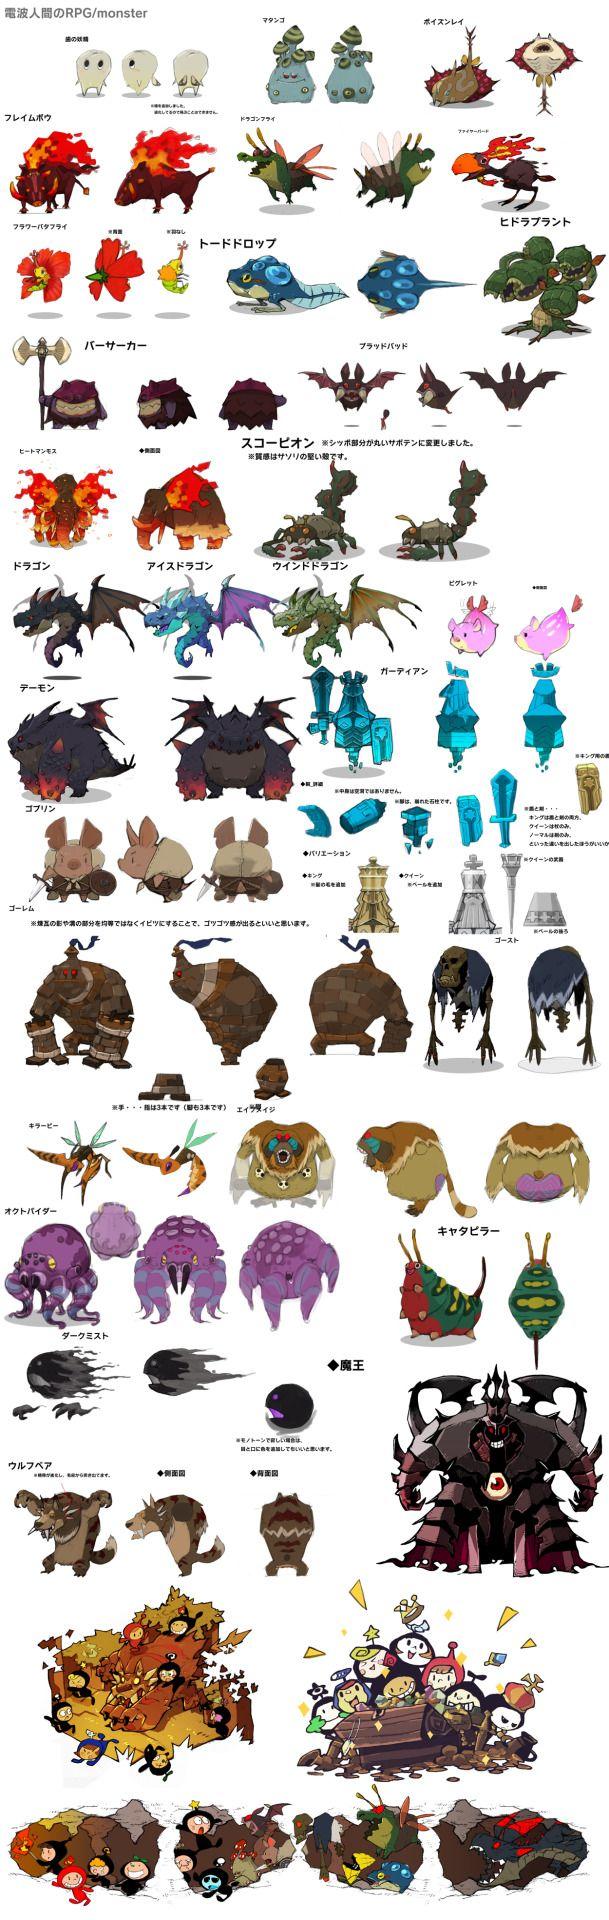 電波人間のRPGのモンスターのデザインです。 ジニアス・ソノリテイさんのご厚意で公開できました、ありがとうございます! 3年前に描いたものだけど、このころはアナログで描いてスキャンしてたのね。